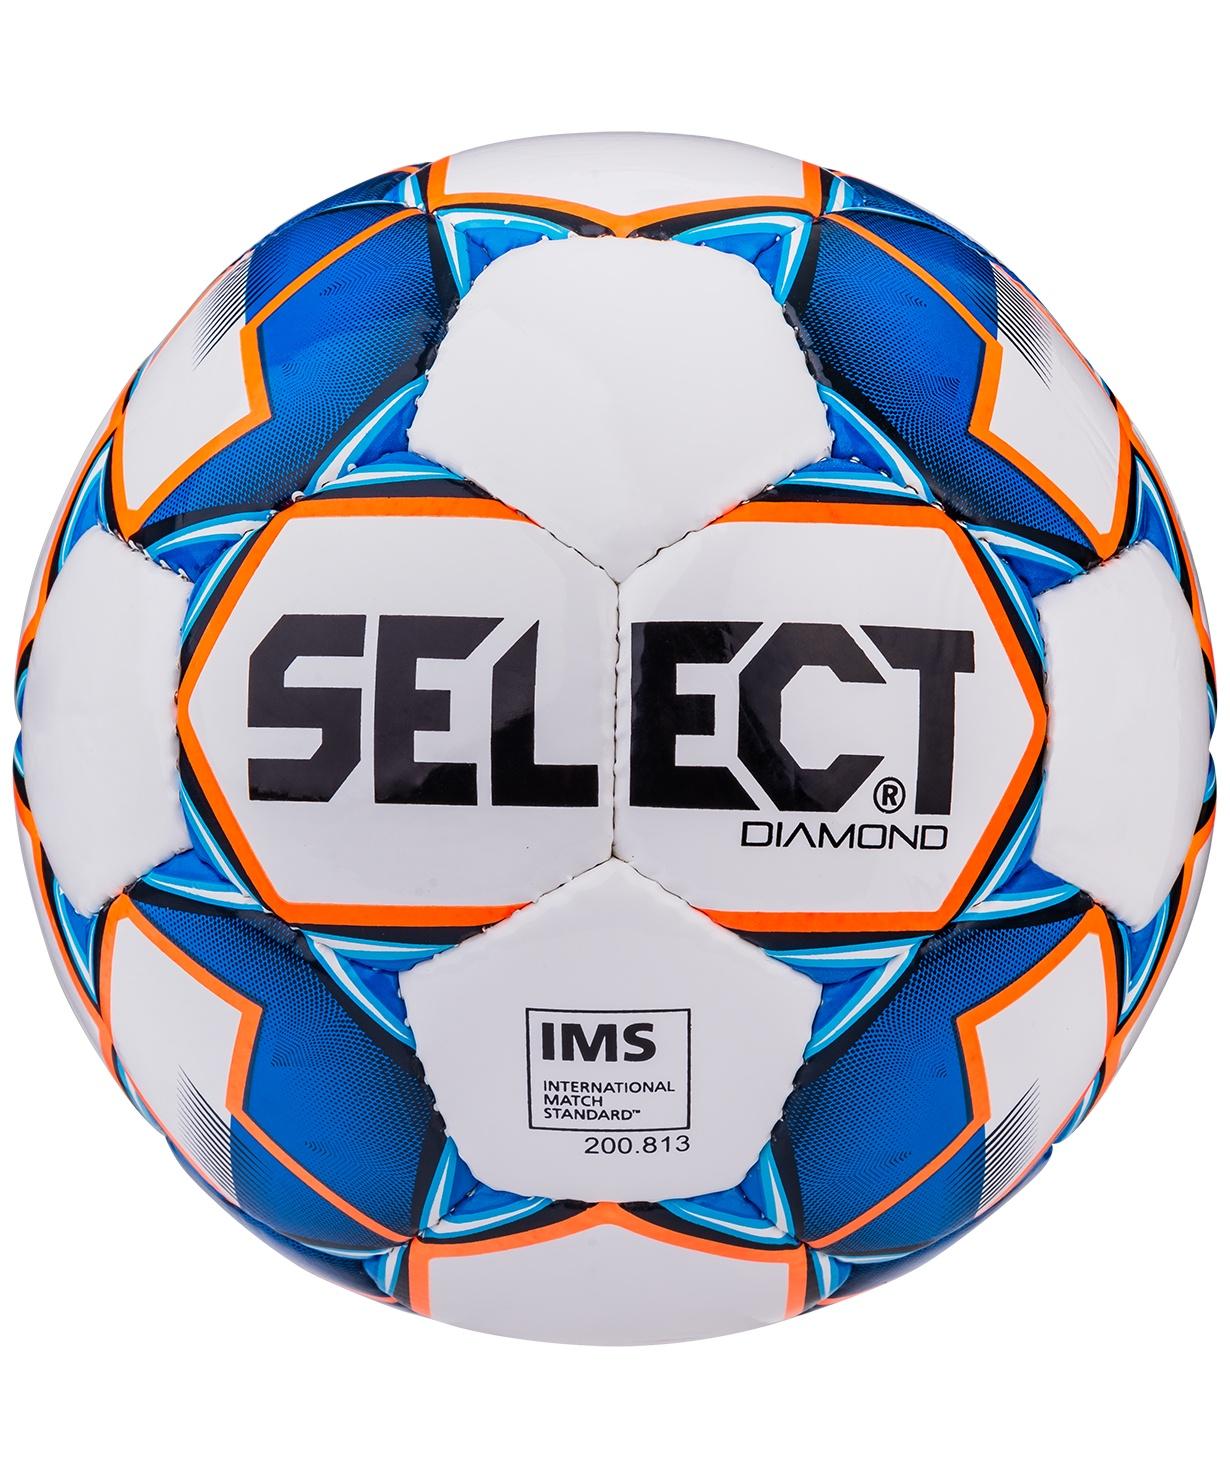 Мяч футбольный Select Diamond IMS, Размер 5, белый/синий/оранжевый (5)